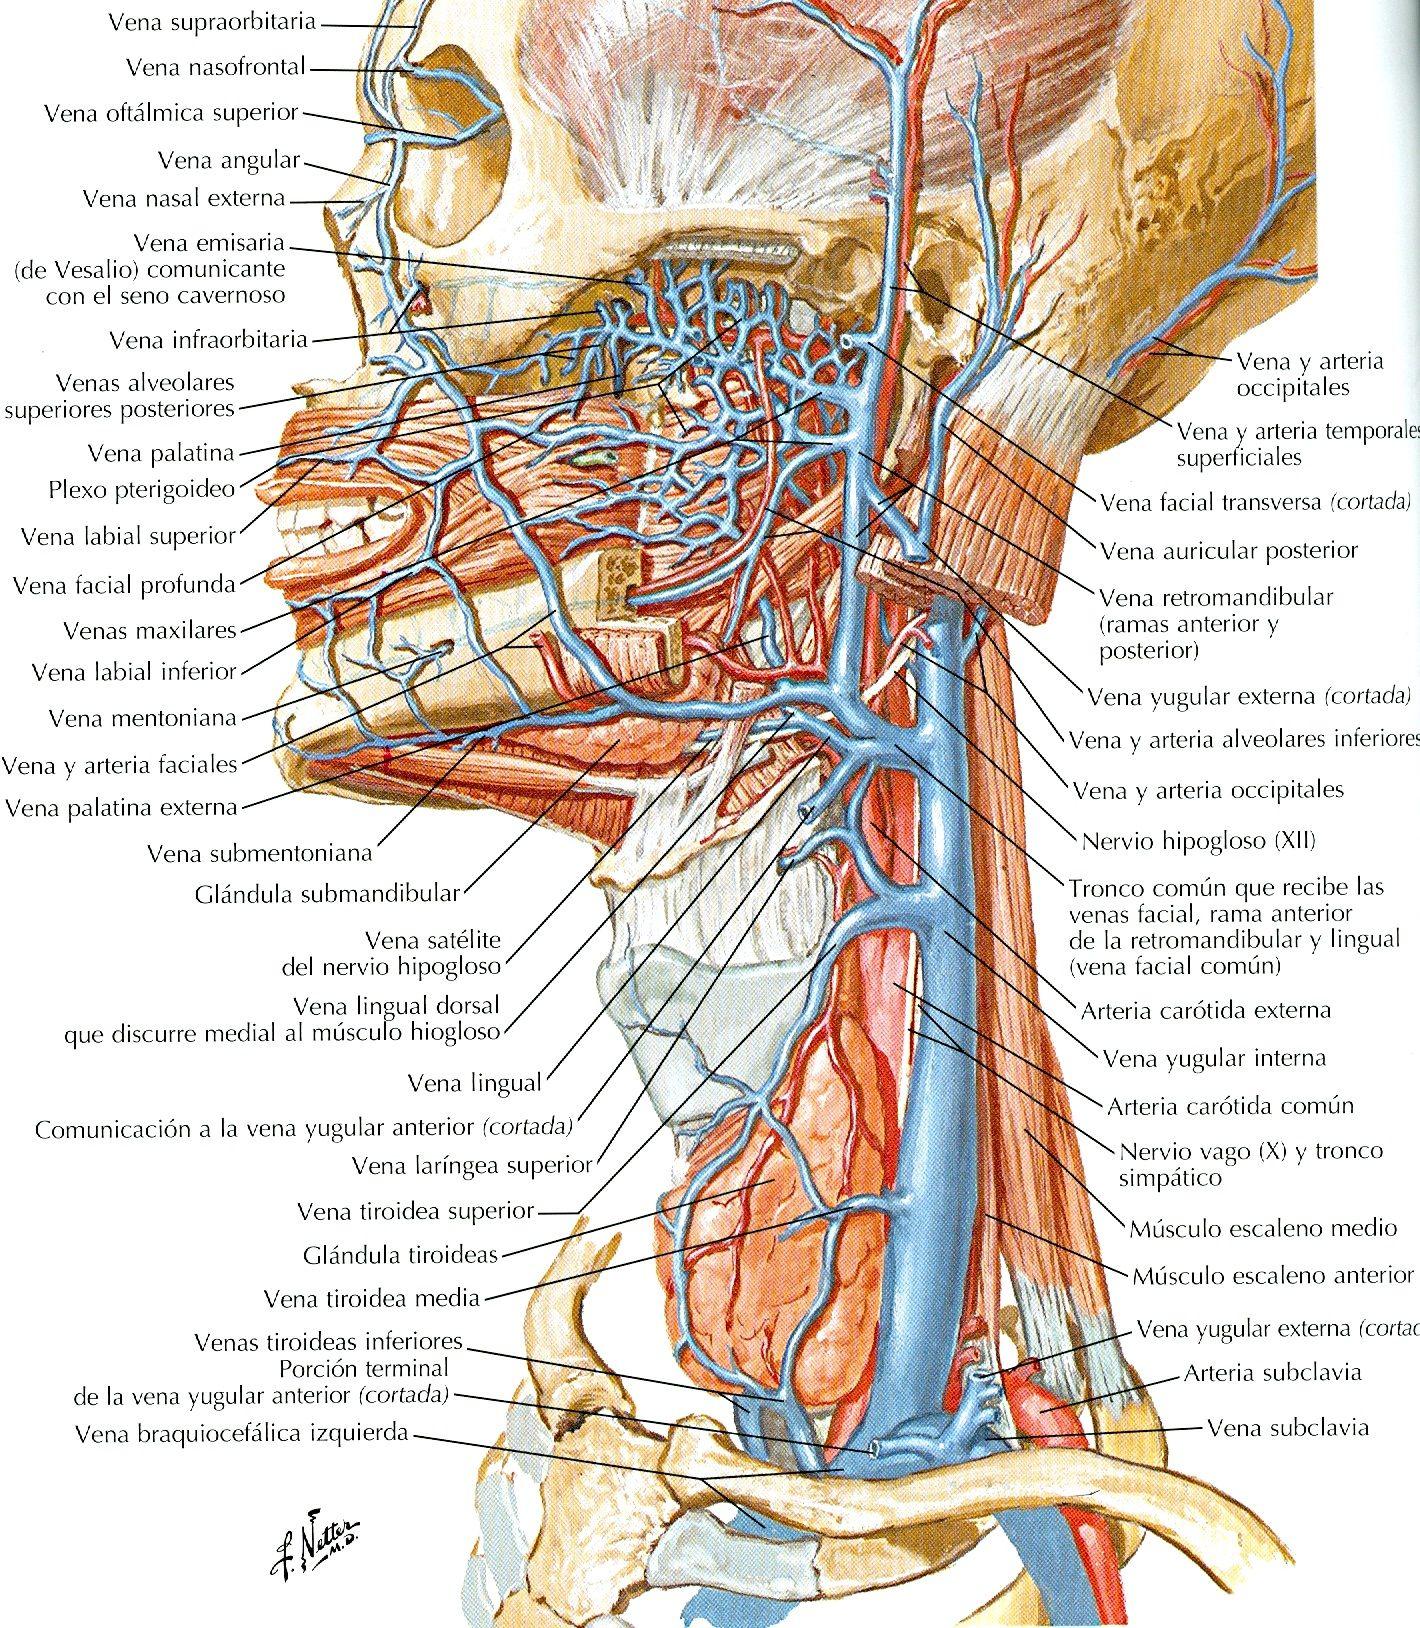 Atlas de anatomía humana. 5ª ed. http://kmelot.biblioteca.udc.es ...